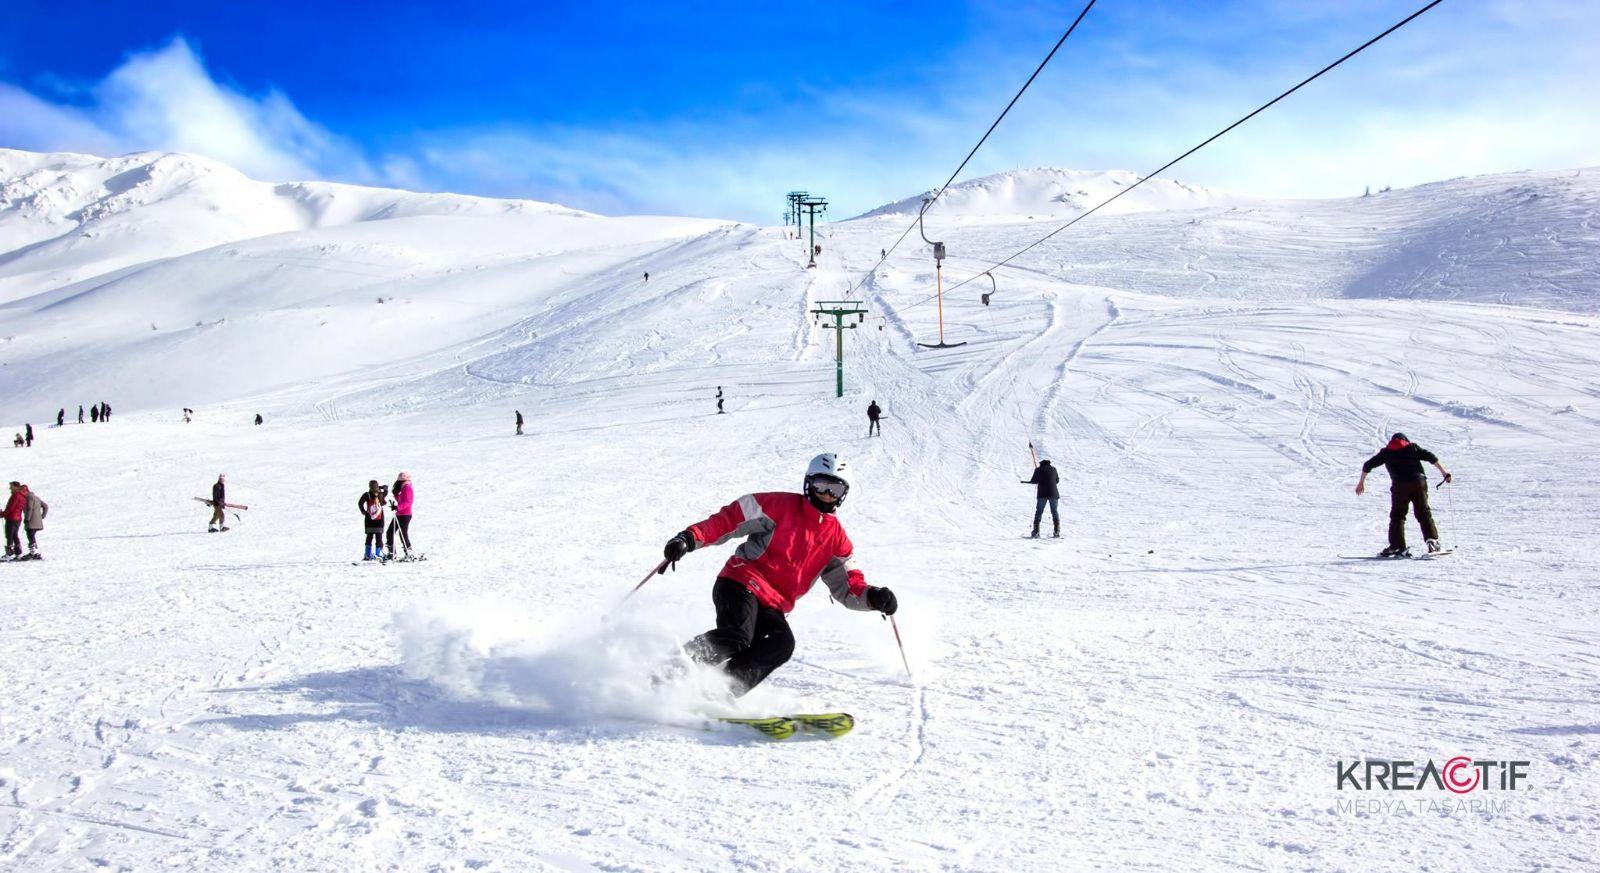 hazarbaba kayak merkezi fotograf cekimi kreactif  2